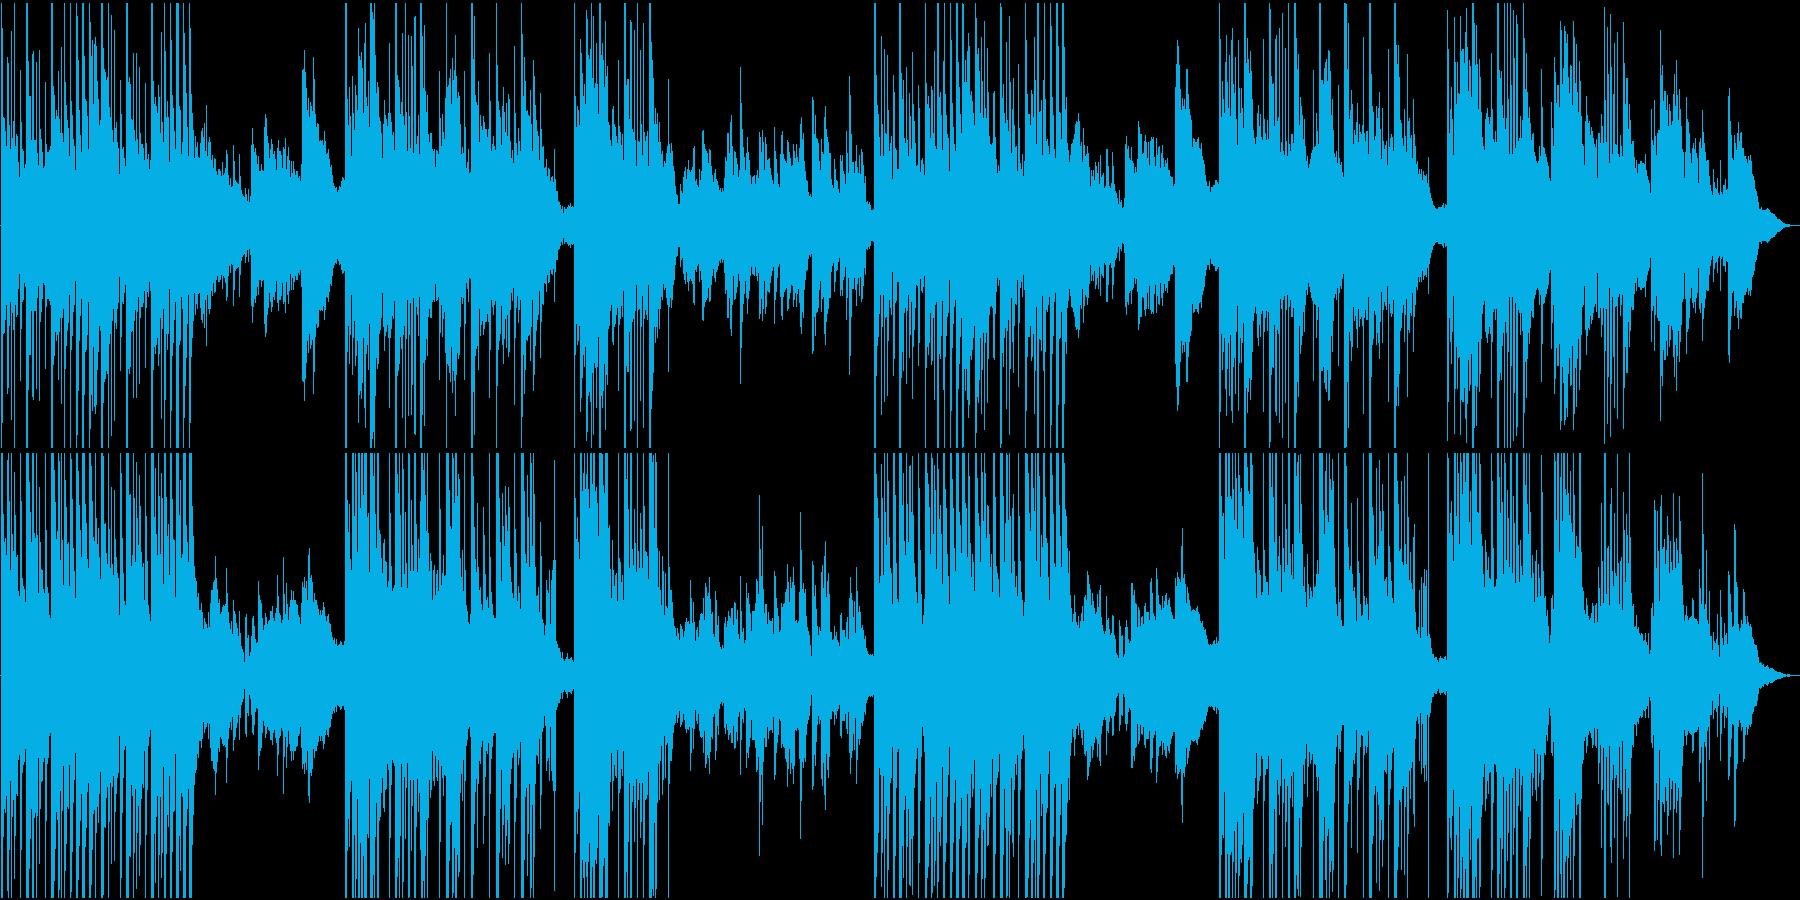 リラックスする静かな和風楽曲の再生済みの波形